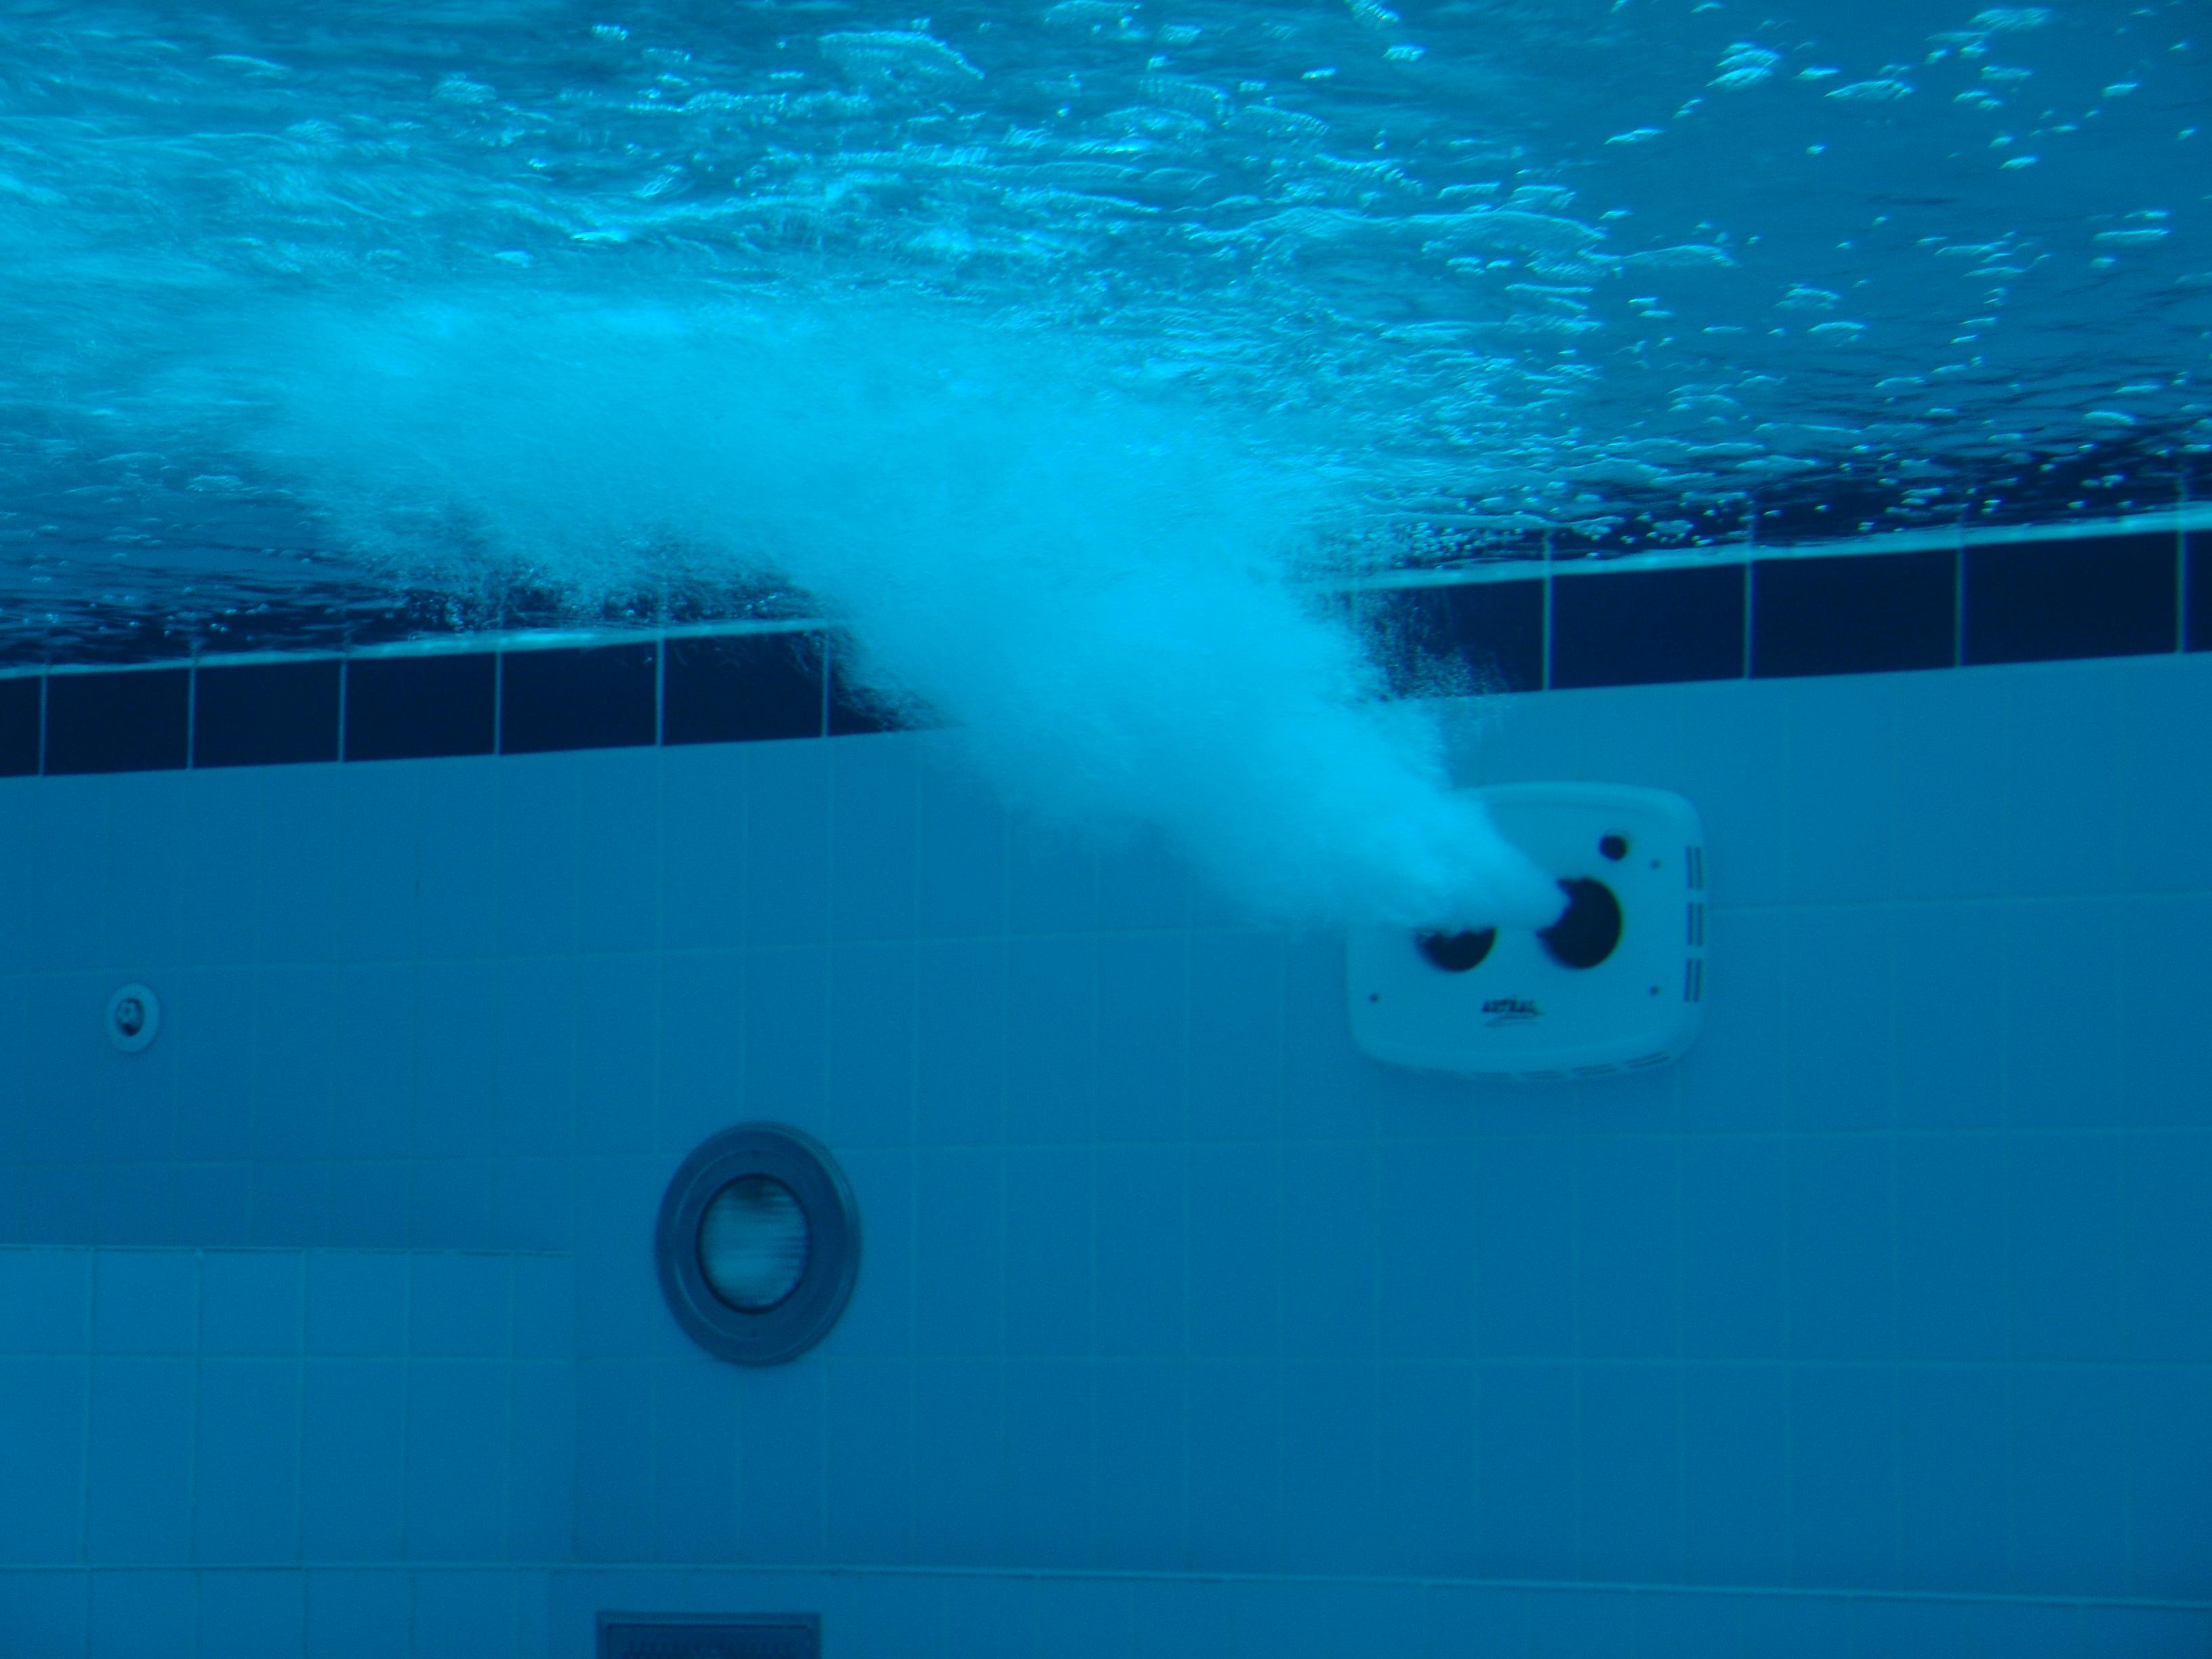 Aqua mramor - Turbo jet